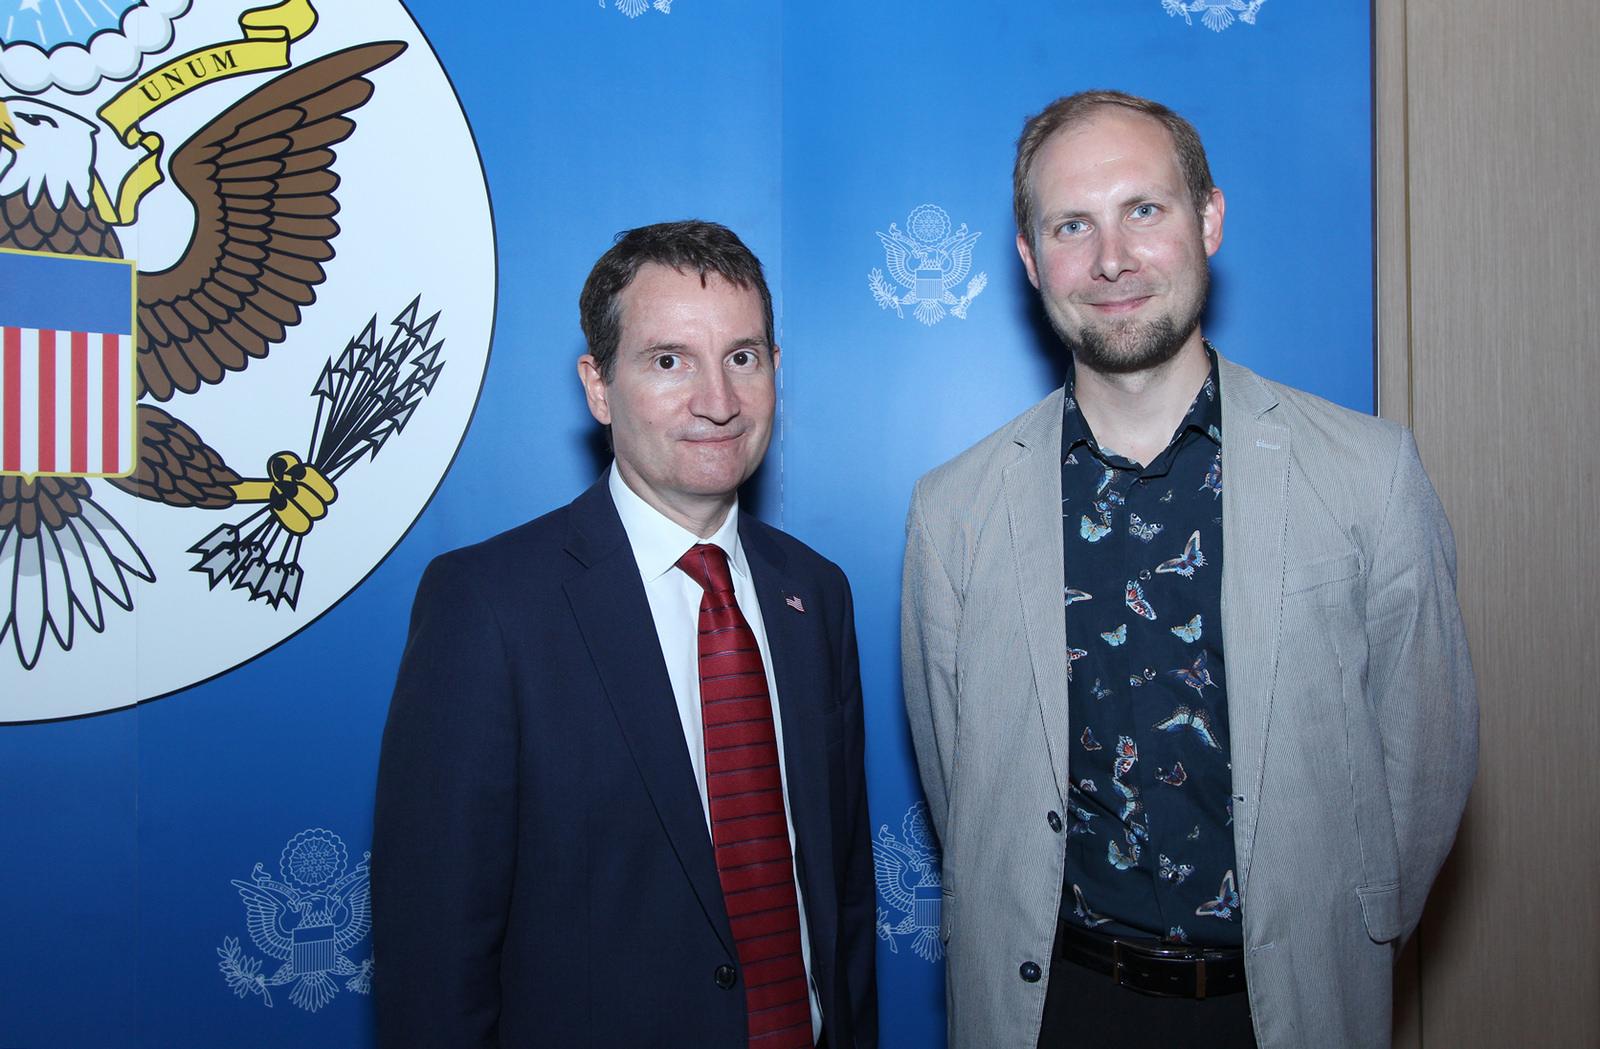 генеральный консул США в Екатеринбурге Отто Ханс ван Маерссен и Дмитрий Москвин